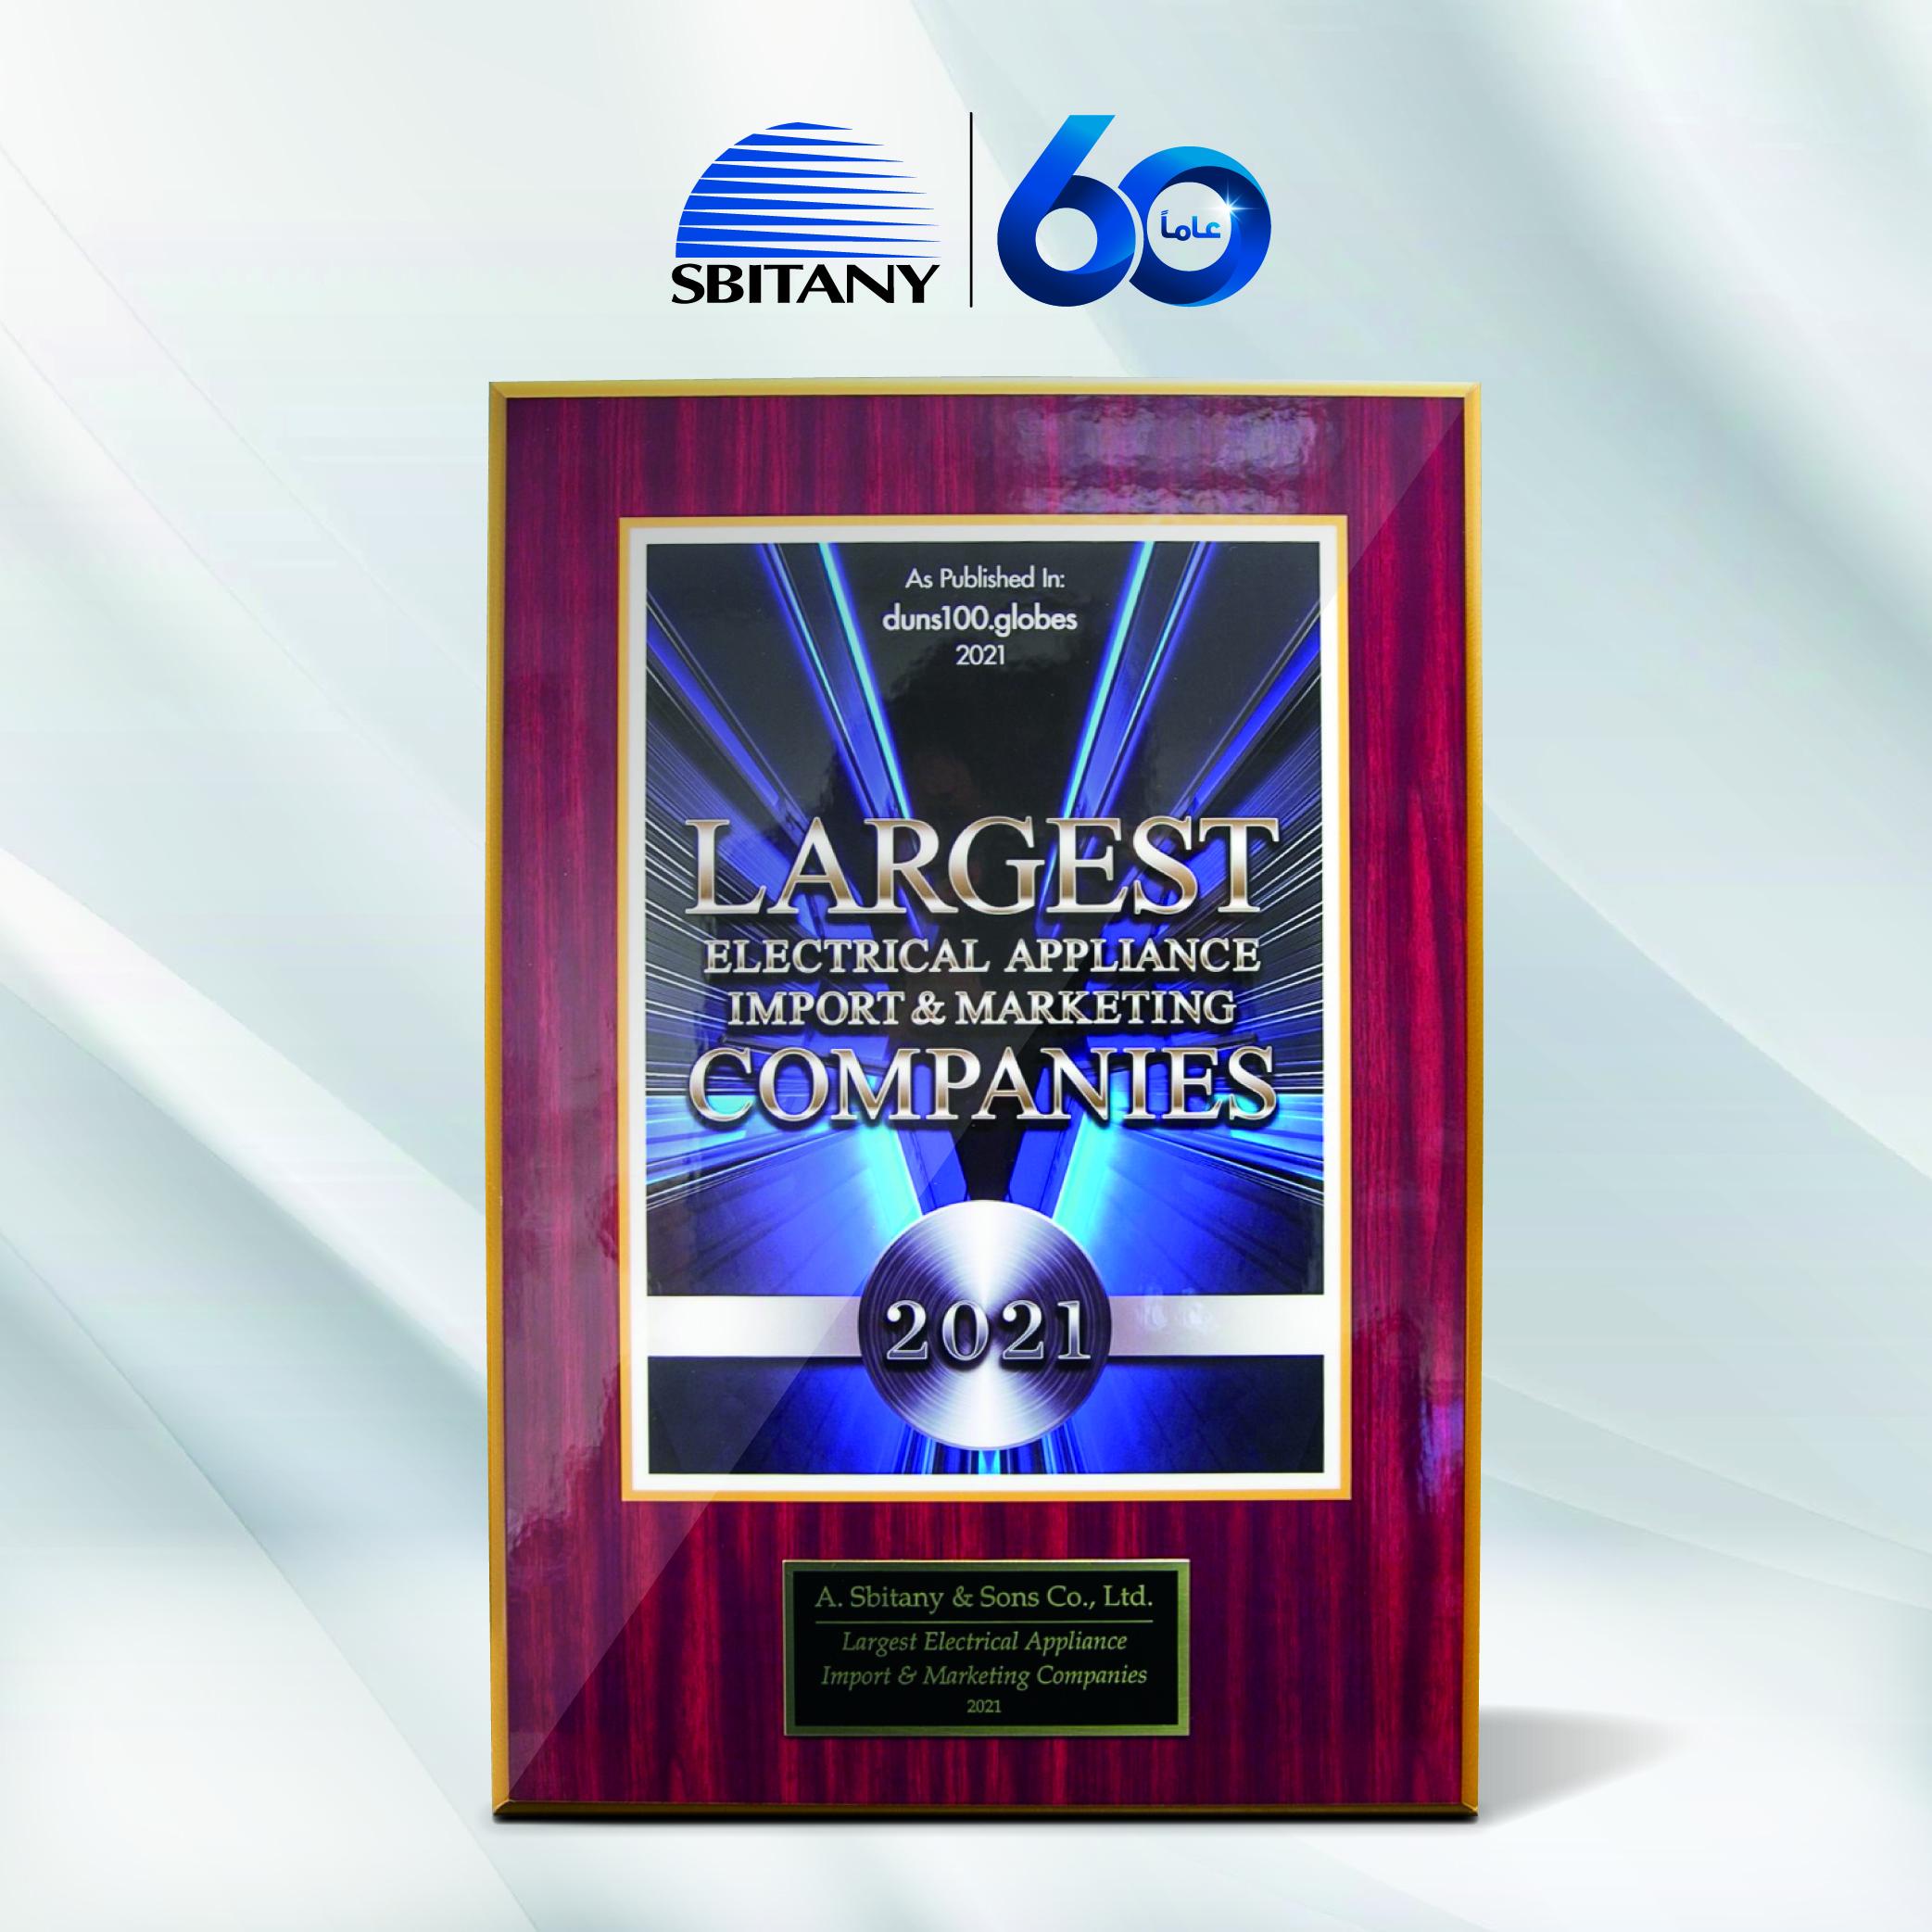 """جائزة افضل الشركات في مجال التسويق و استيراد الاجهزة الكهربائية """"سبيتاني"""" تتفوق في مجالي الاستيراد والتسويق"""